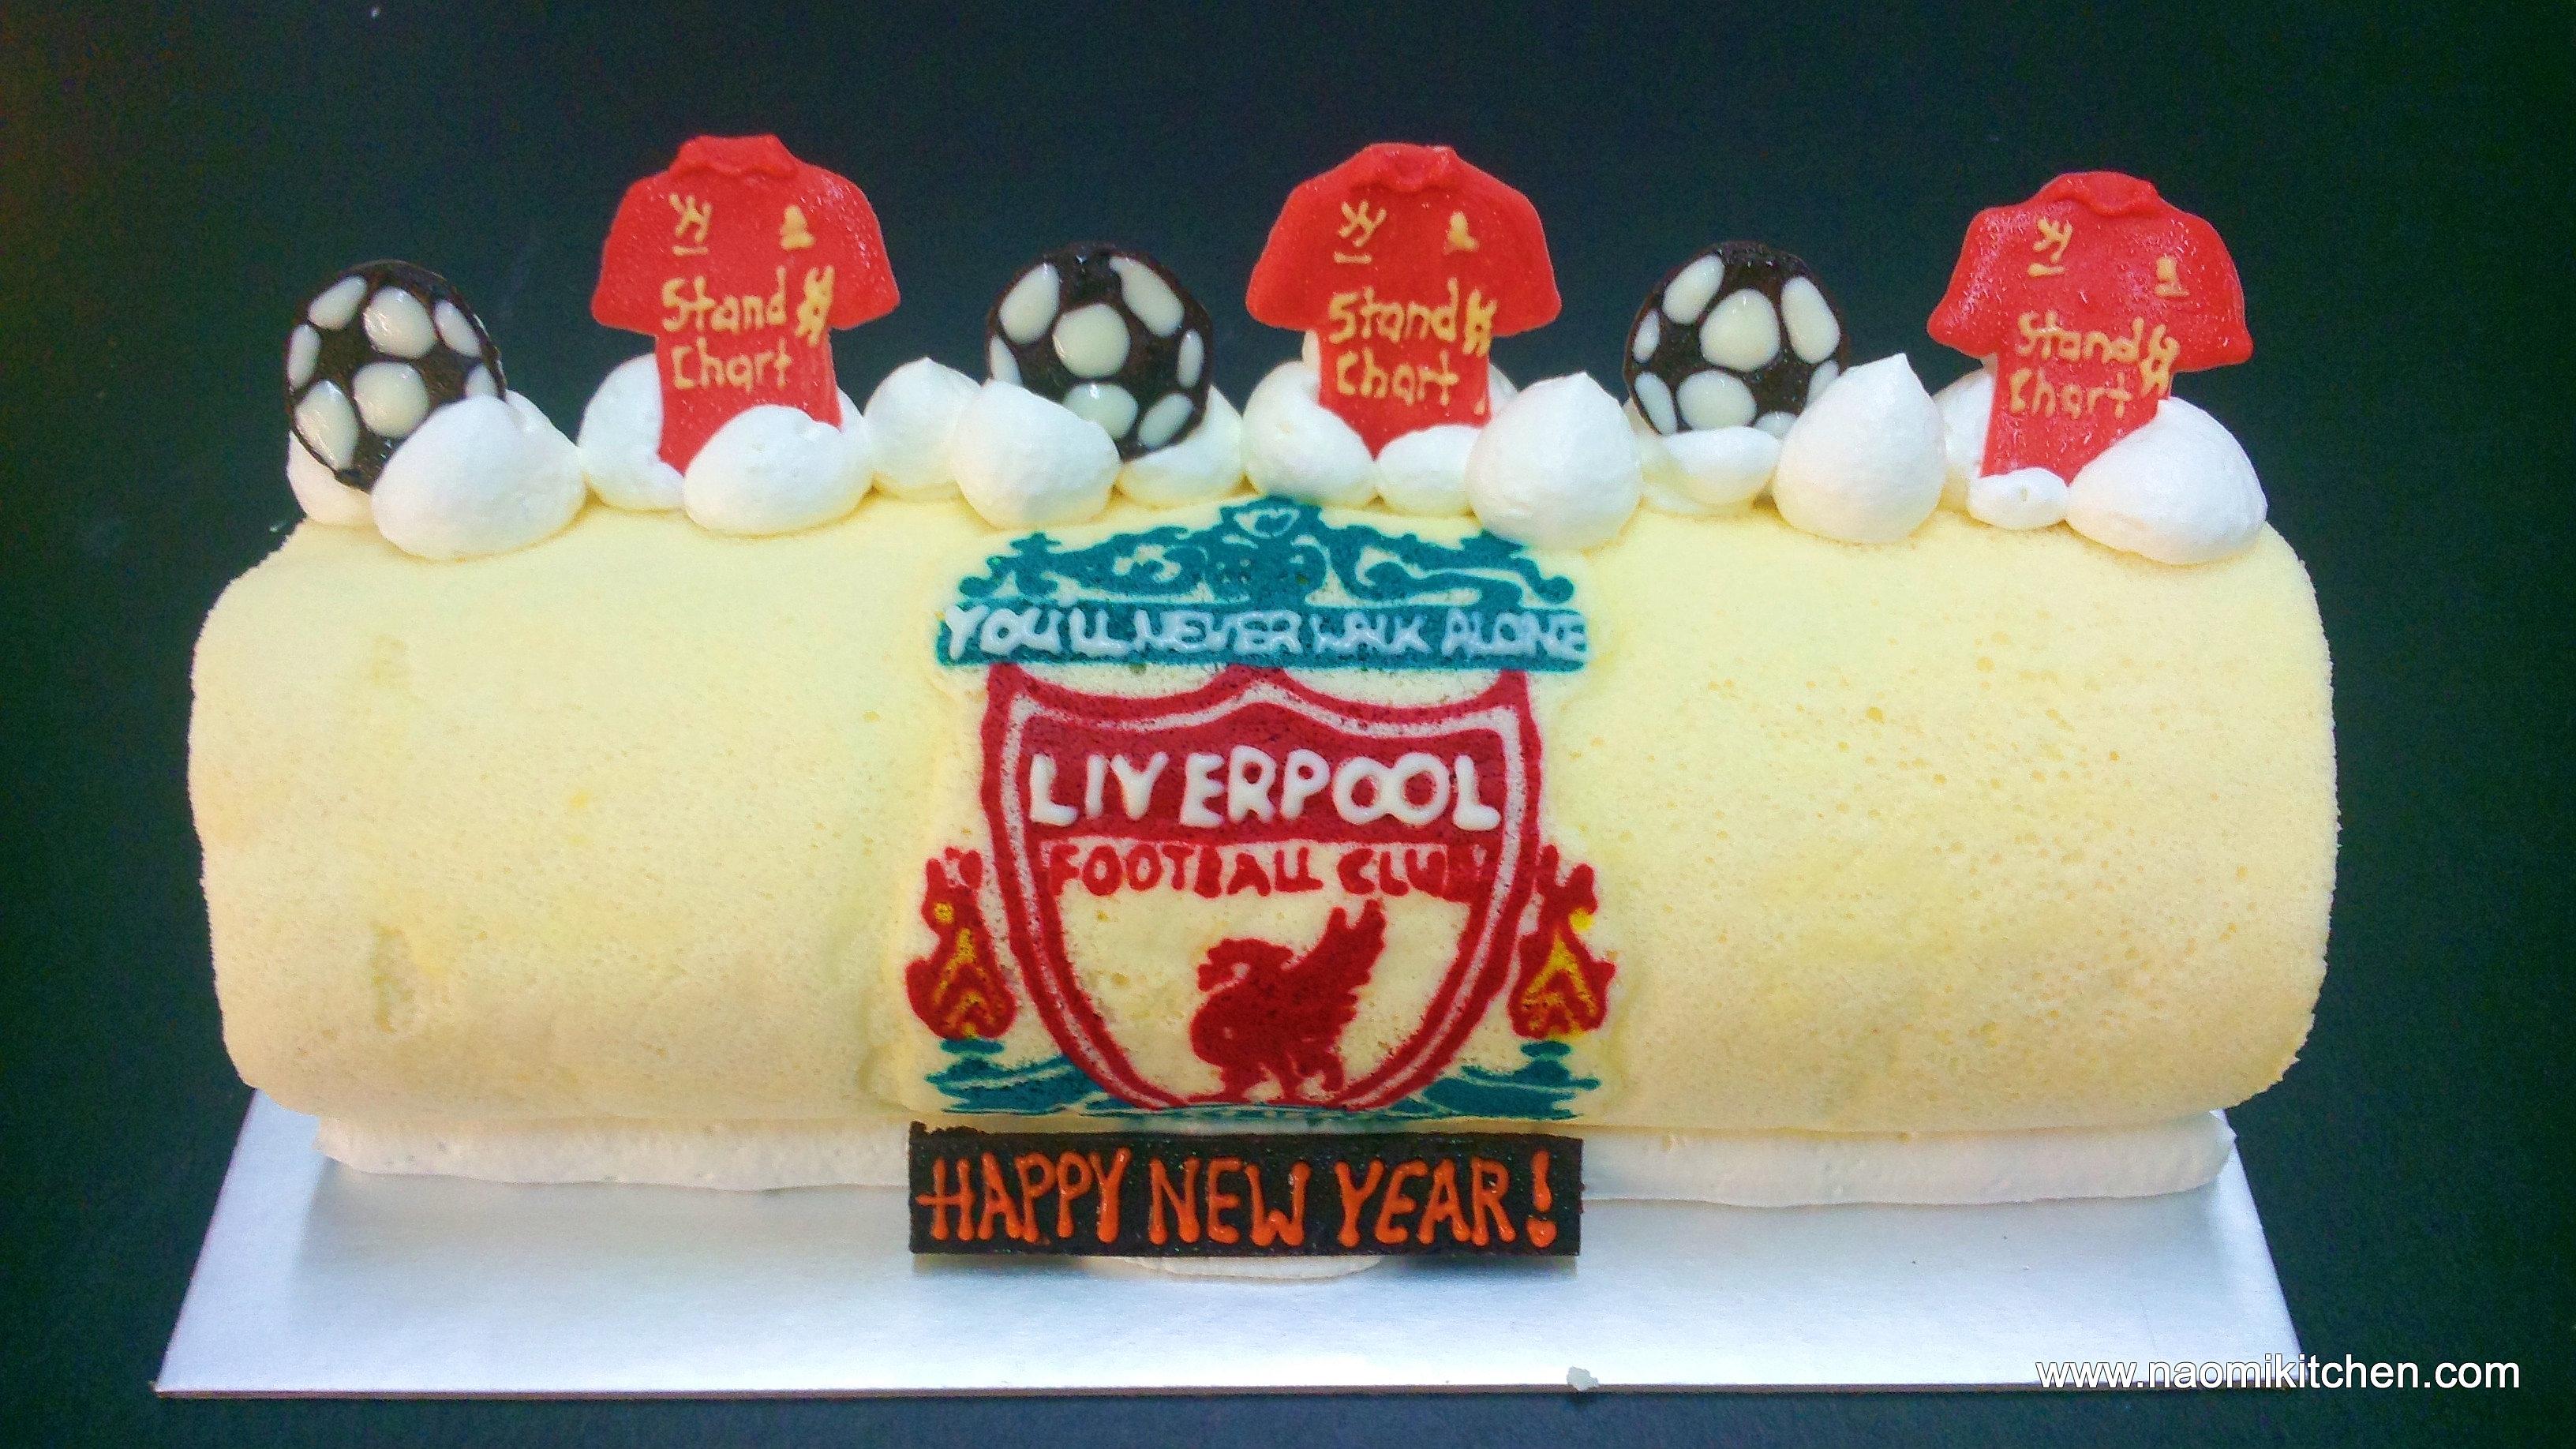 Liverpool Birthday Cake Singapore